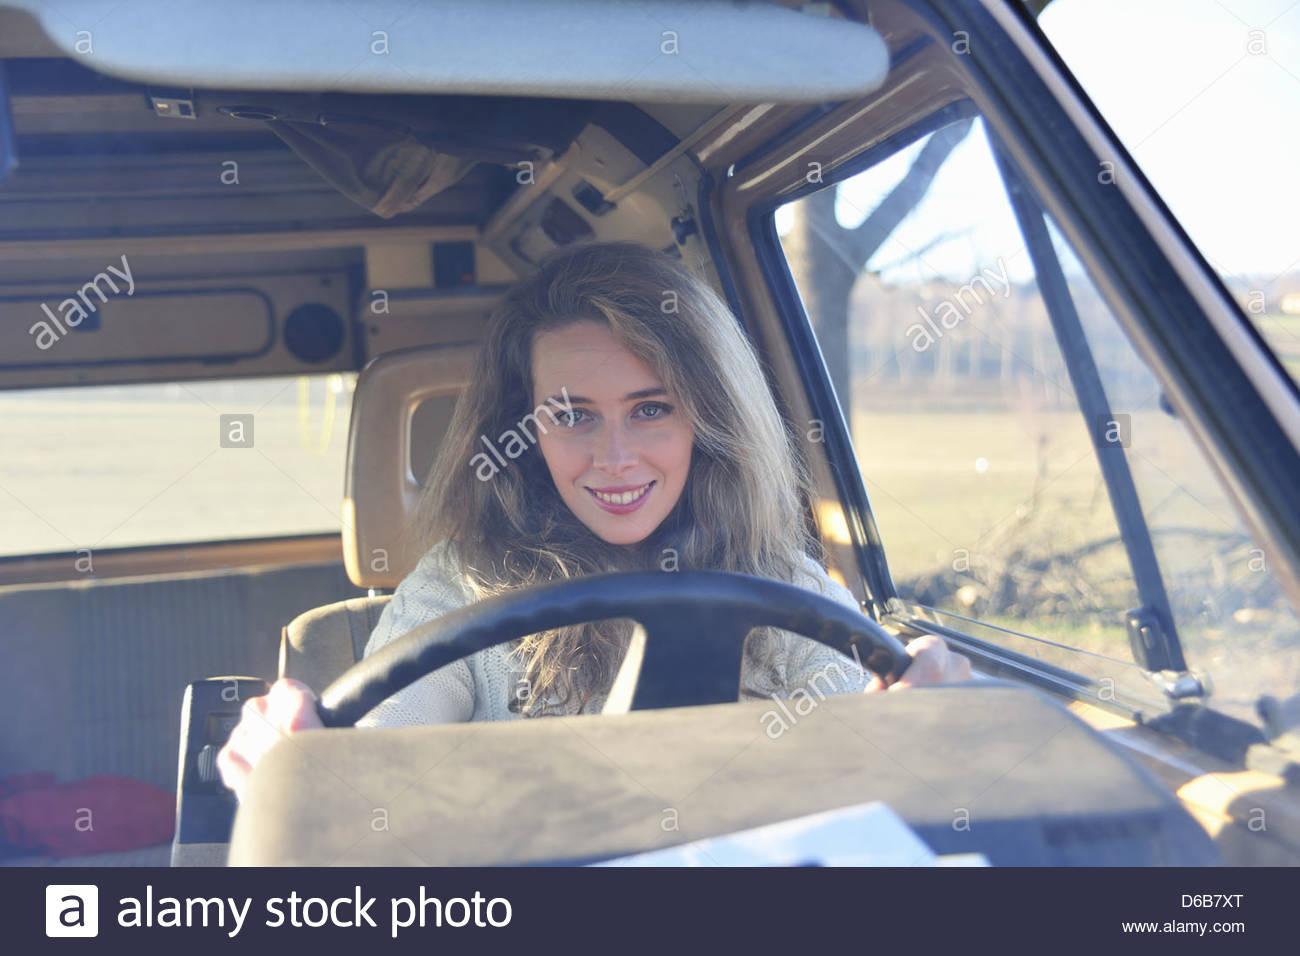 Smiling woman driving van - Stock Image